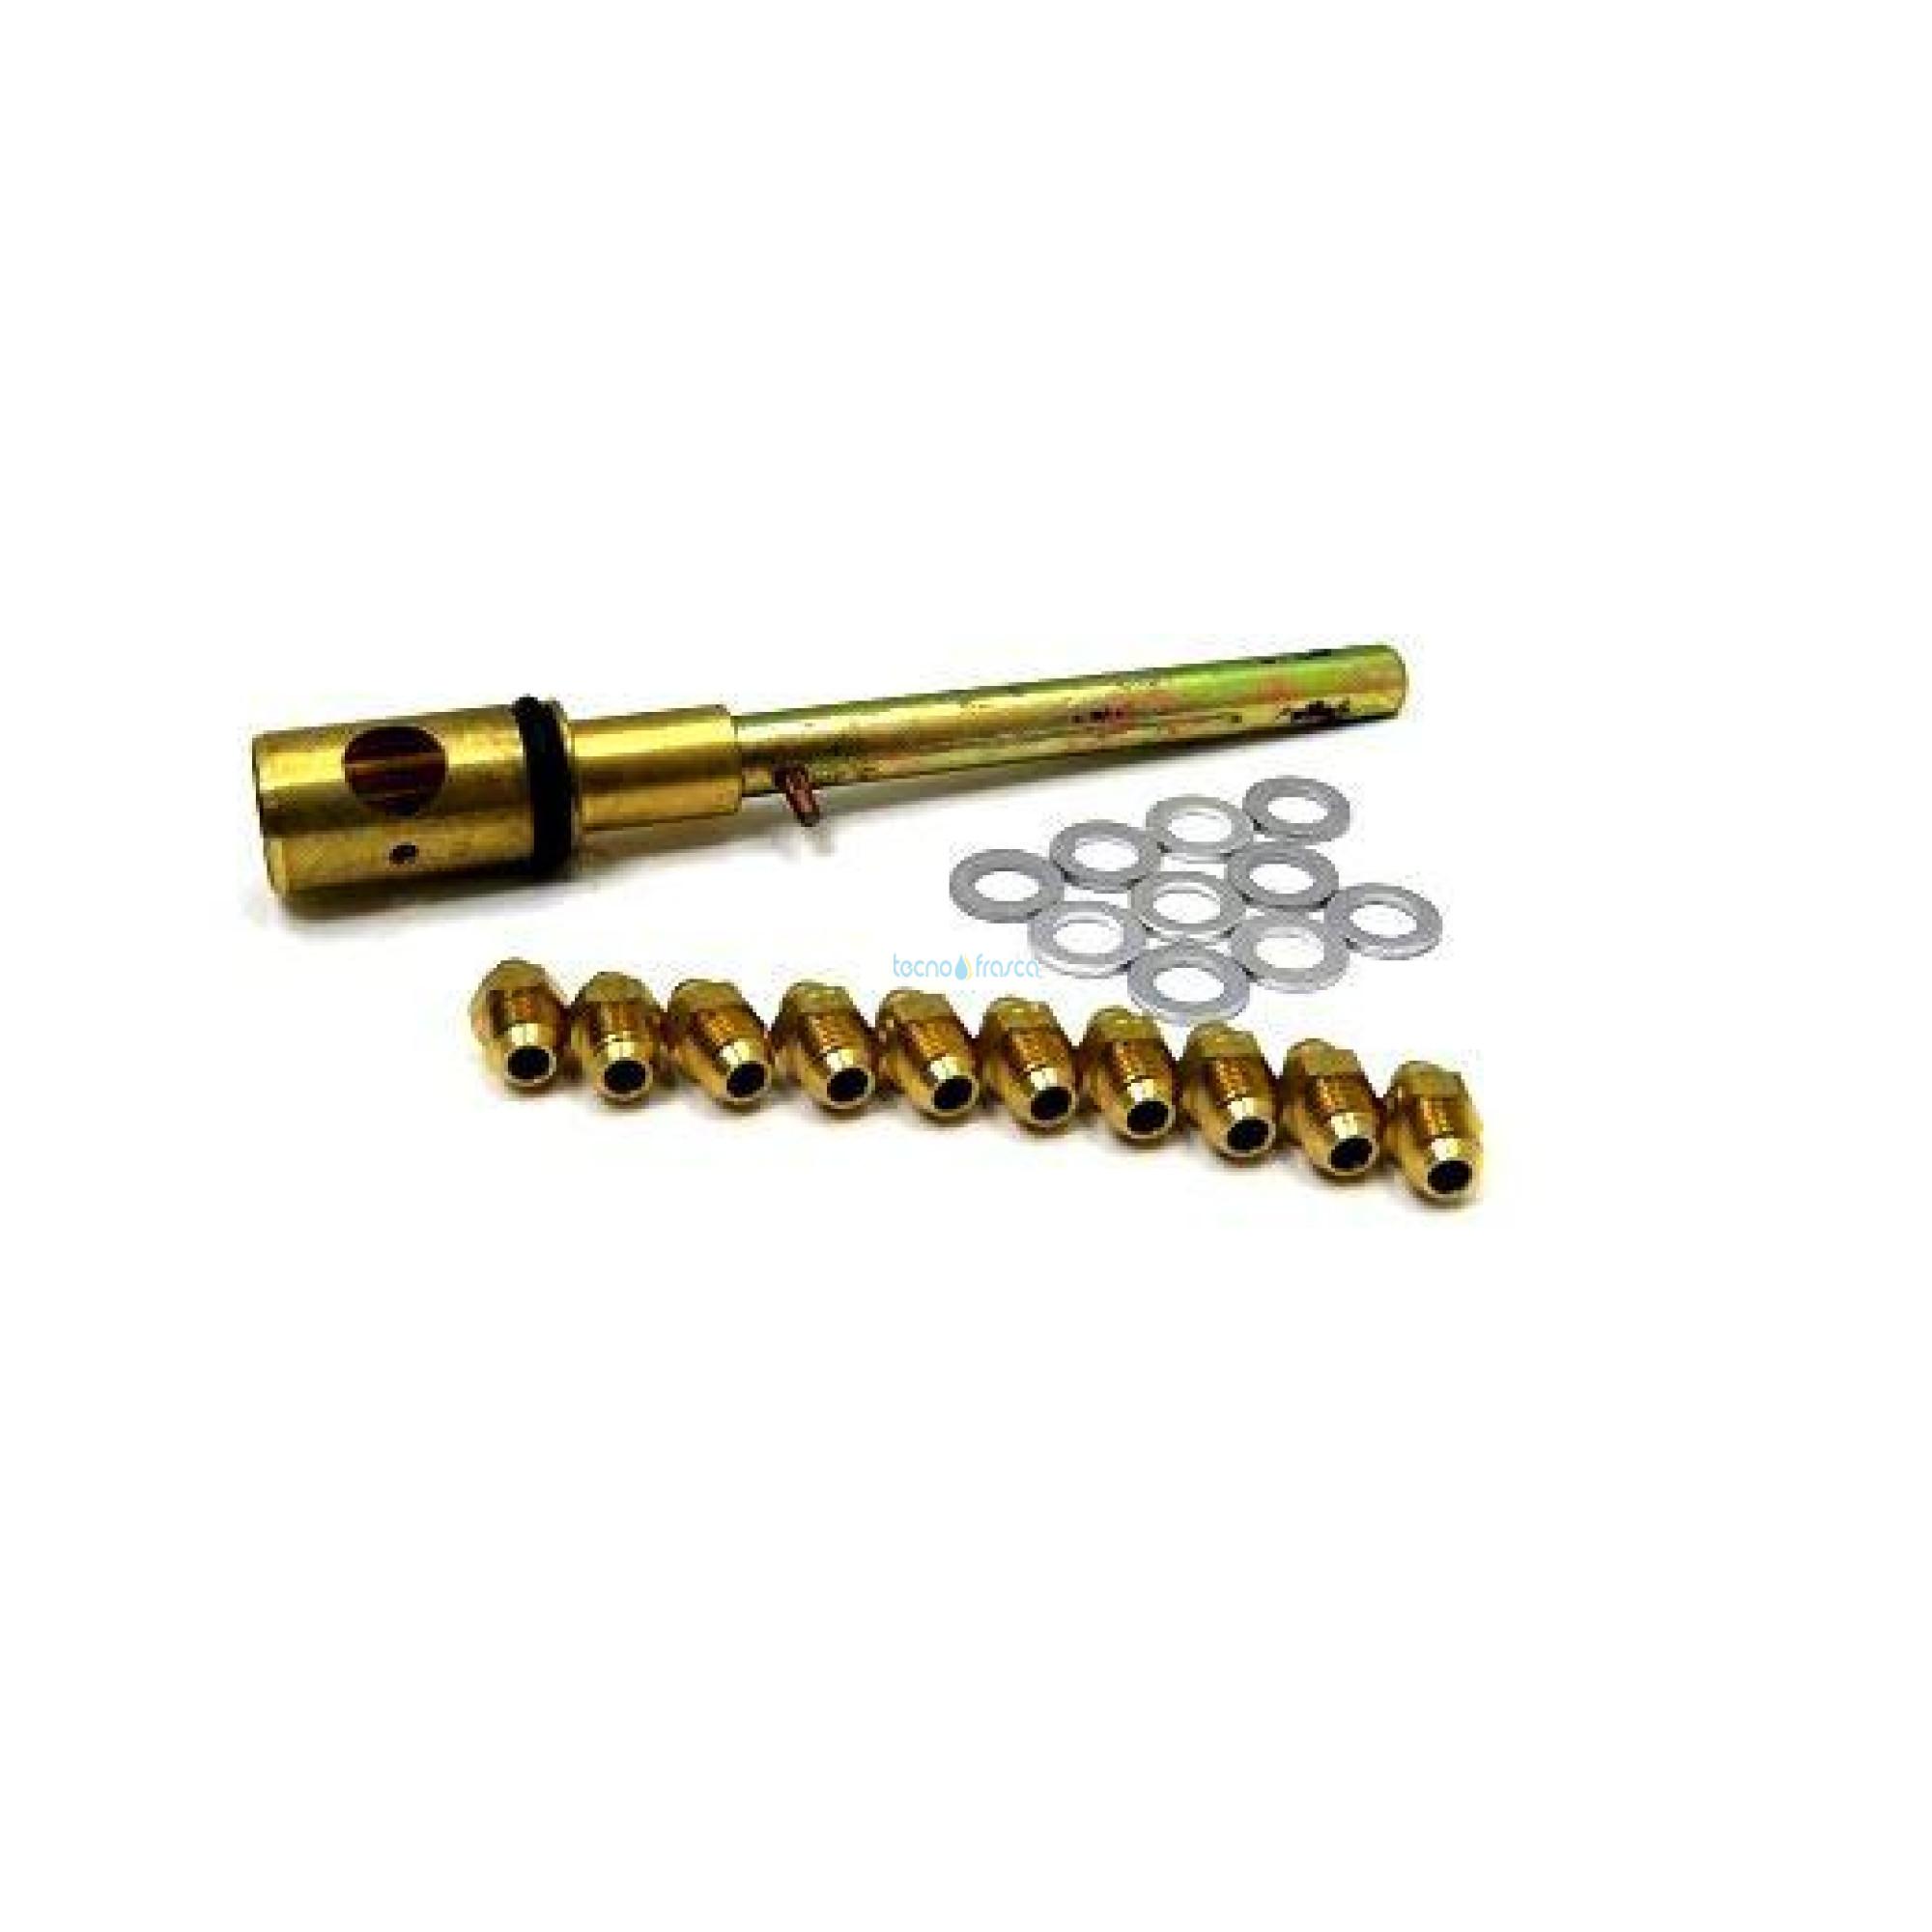 Ferroli kit ugelli 0.77x10 gpl 3980e620